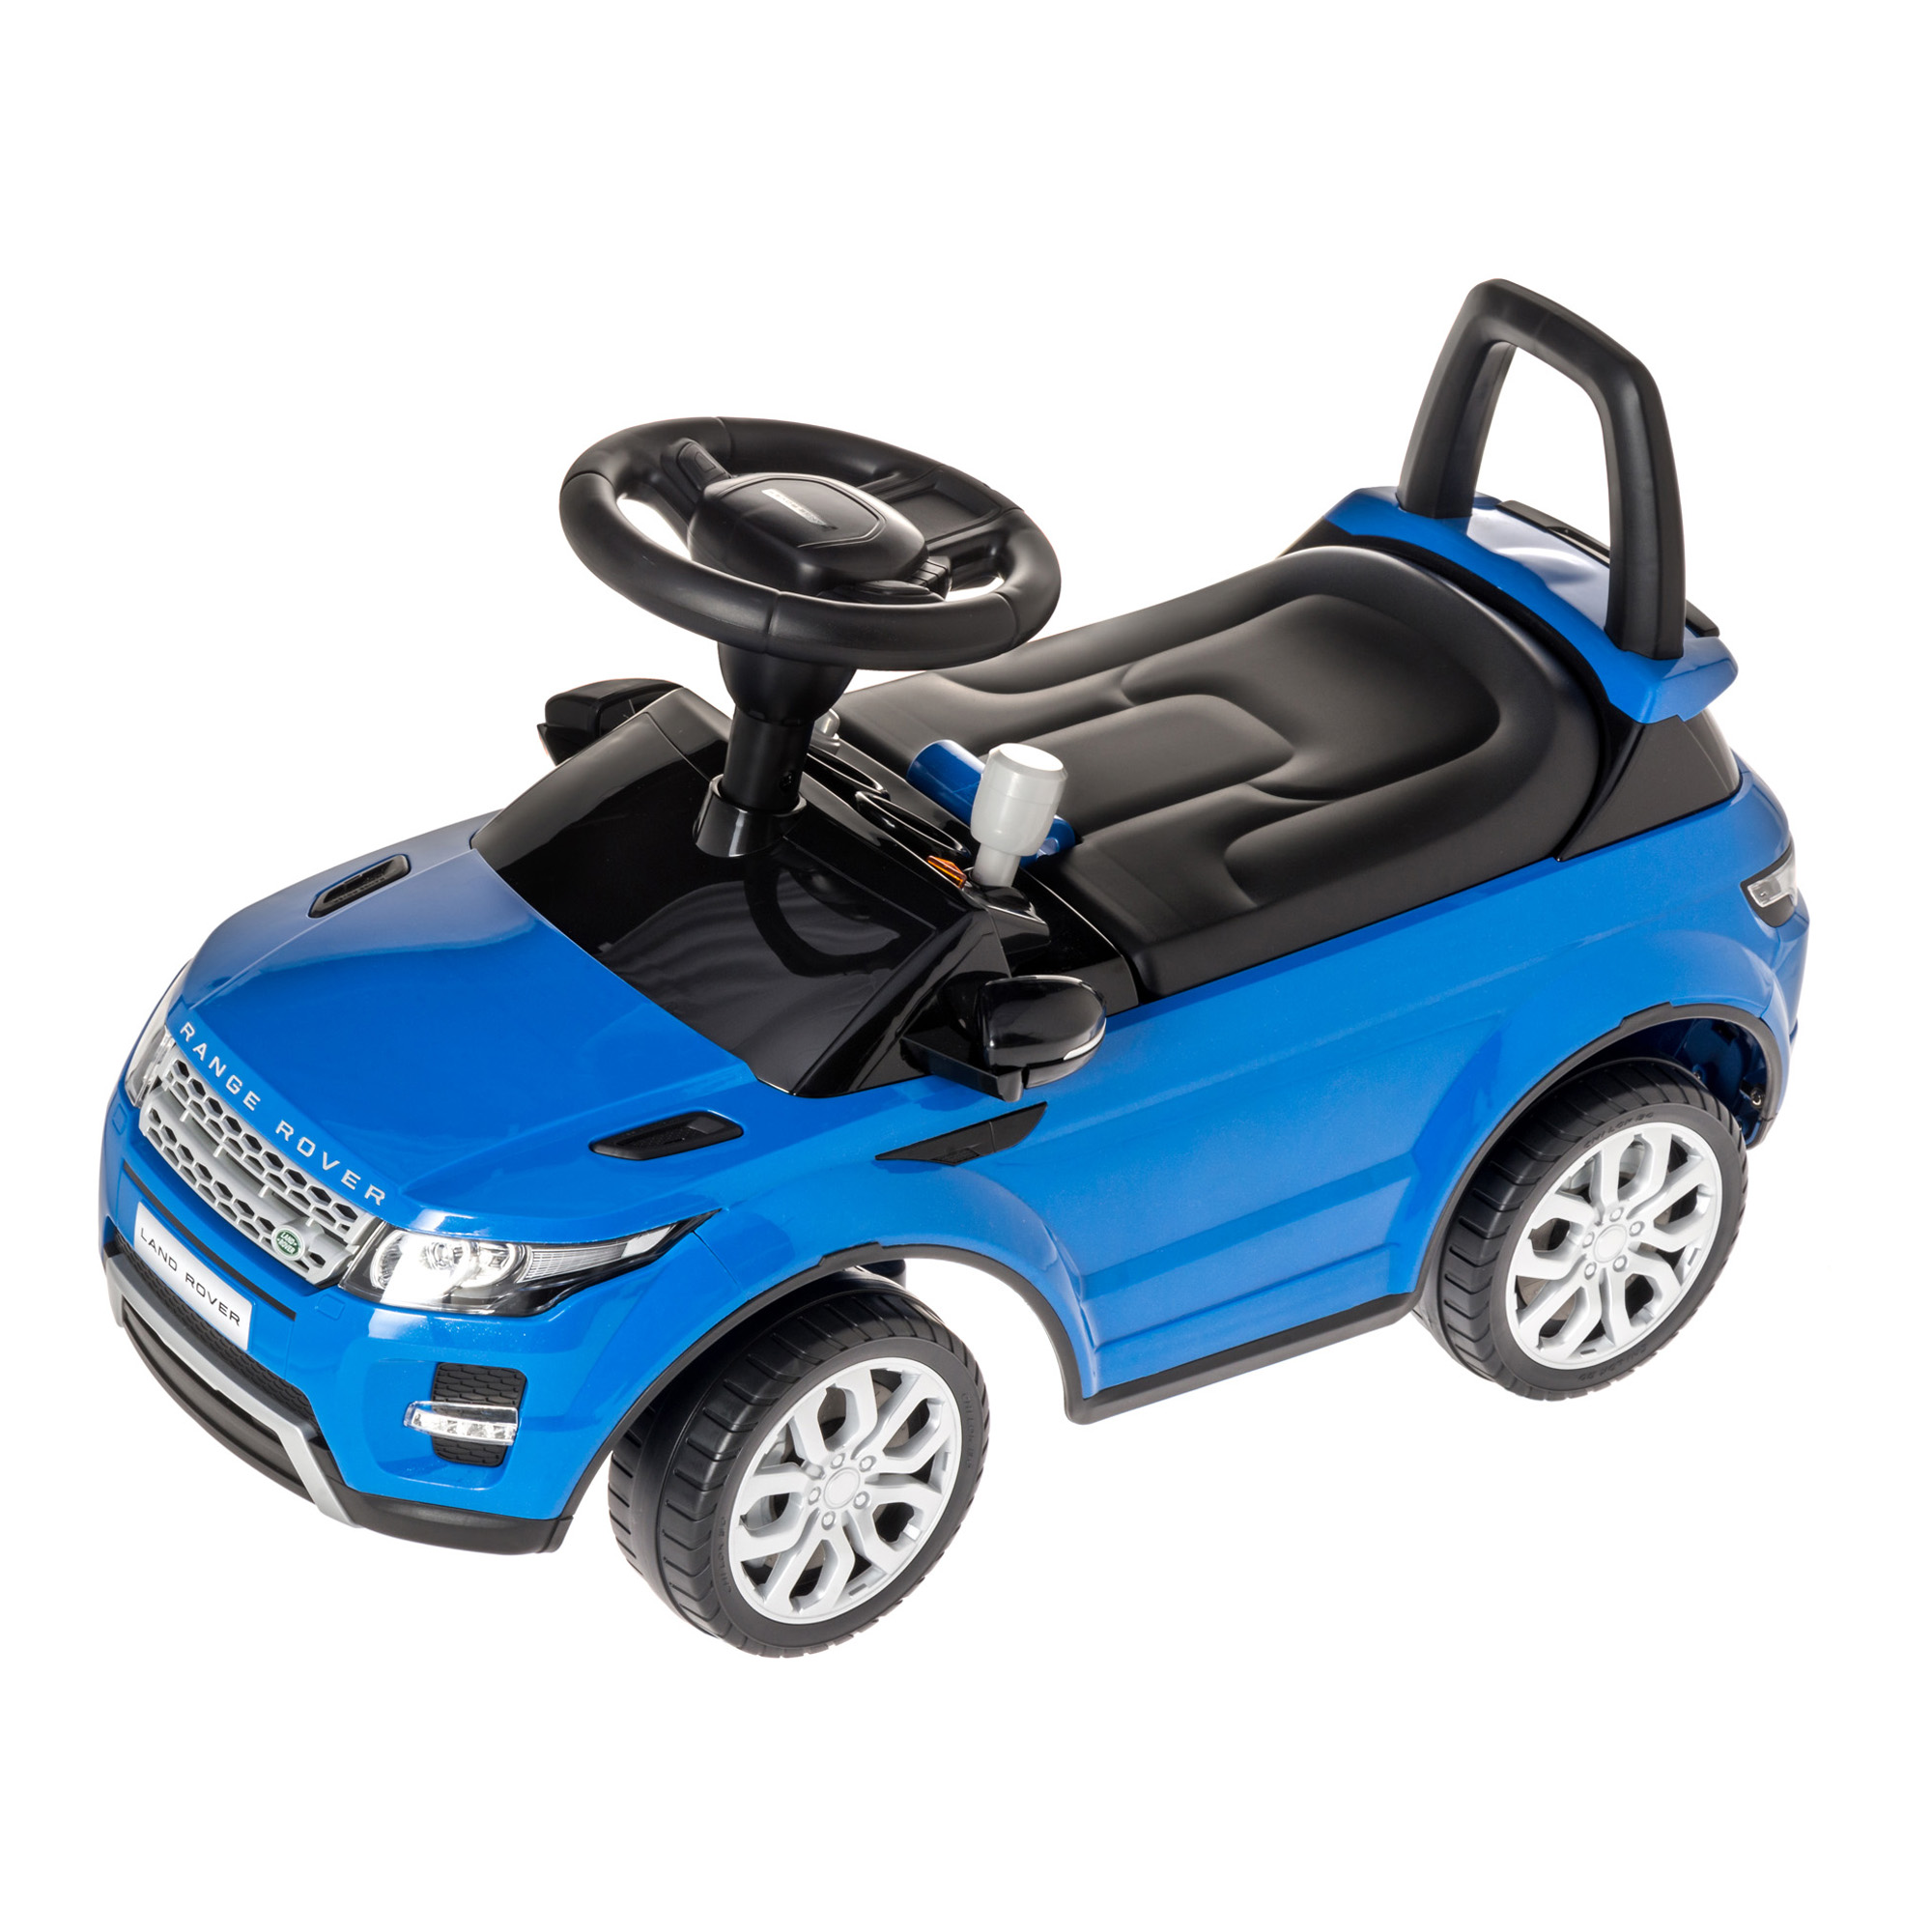 9160f8b65e7 Pealeistutav auto land rover - Beebide mängud ja tarvikud - Mänguasjad